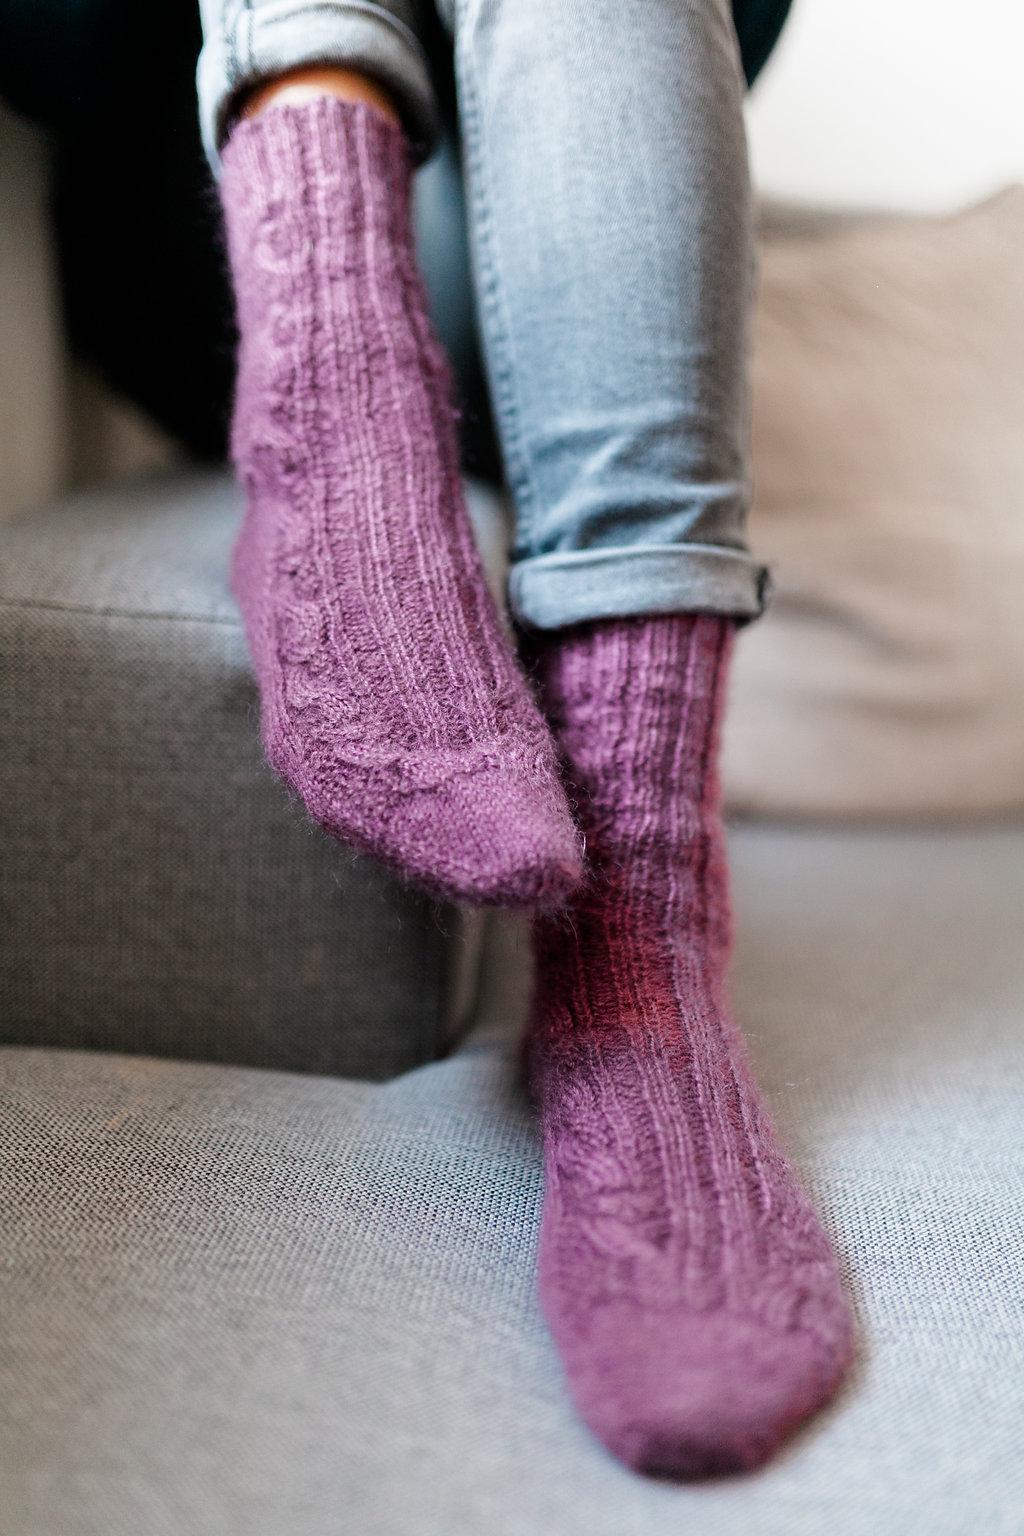 180113-socks-52.jpg